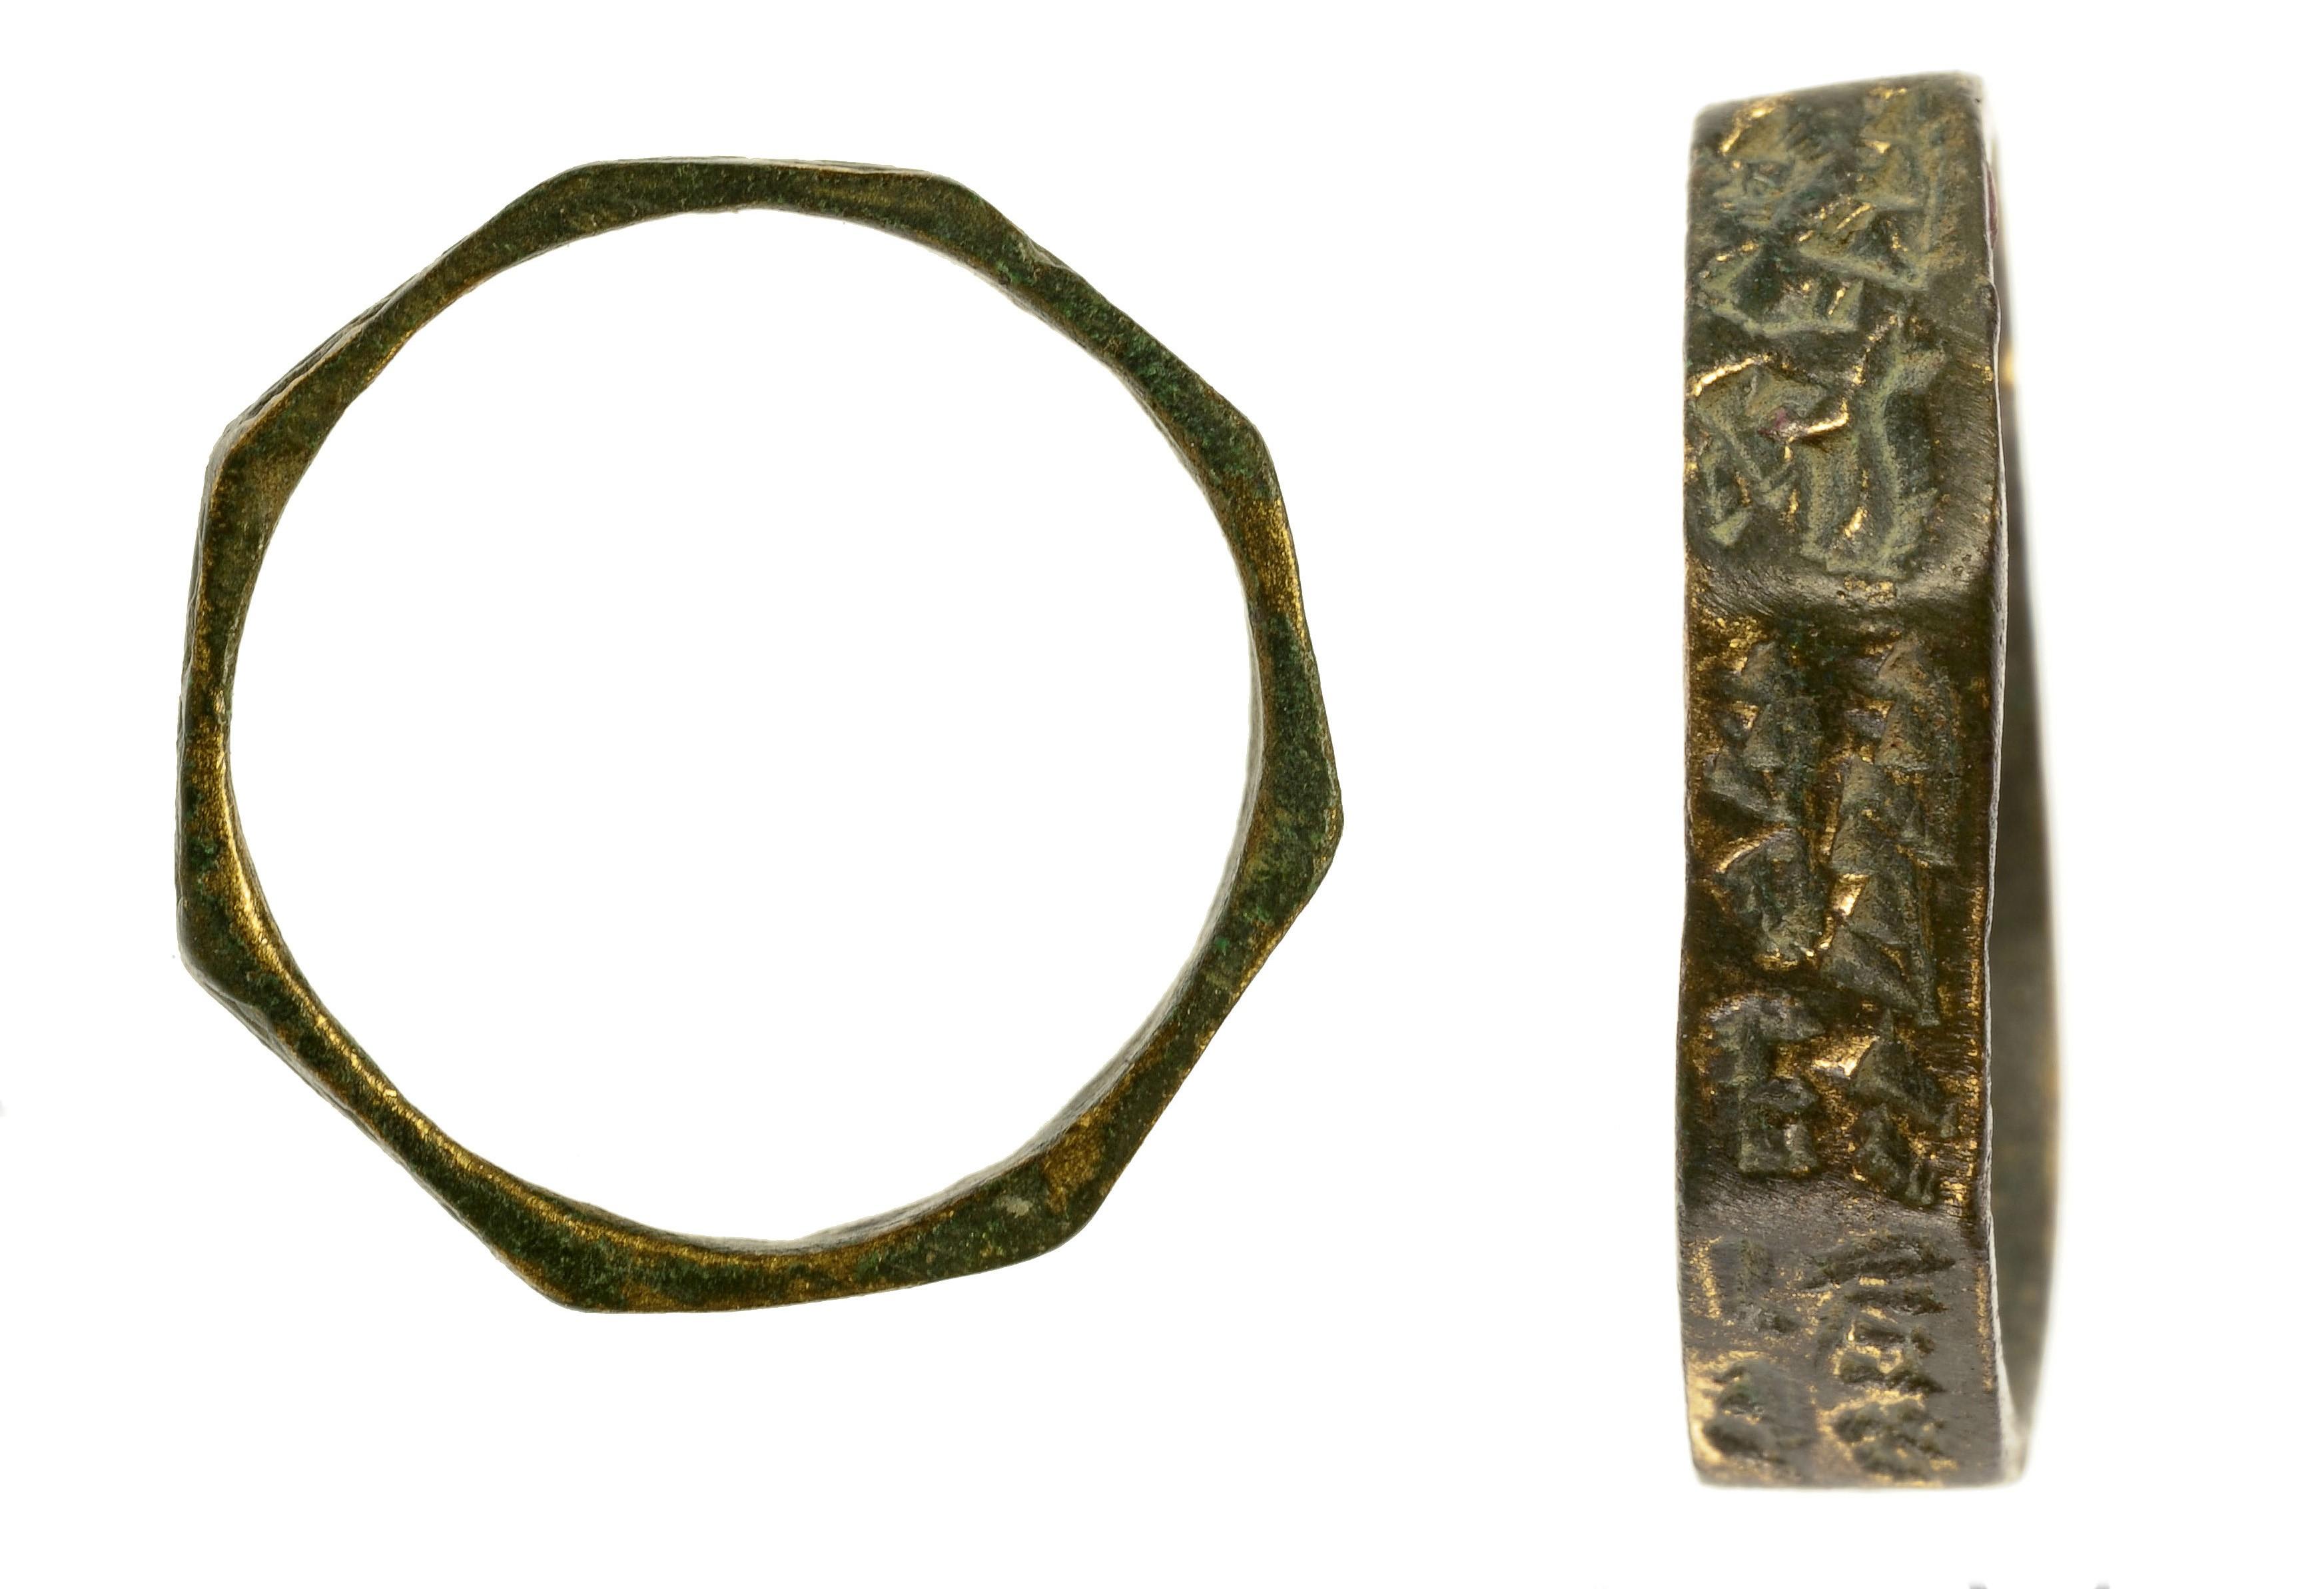 טבעות מברונזה שנחשפו בחפירה. צילום: אסף פרץ, באדיבות רשות העתיקות